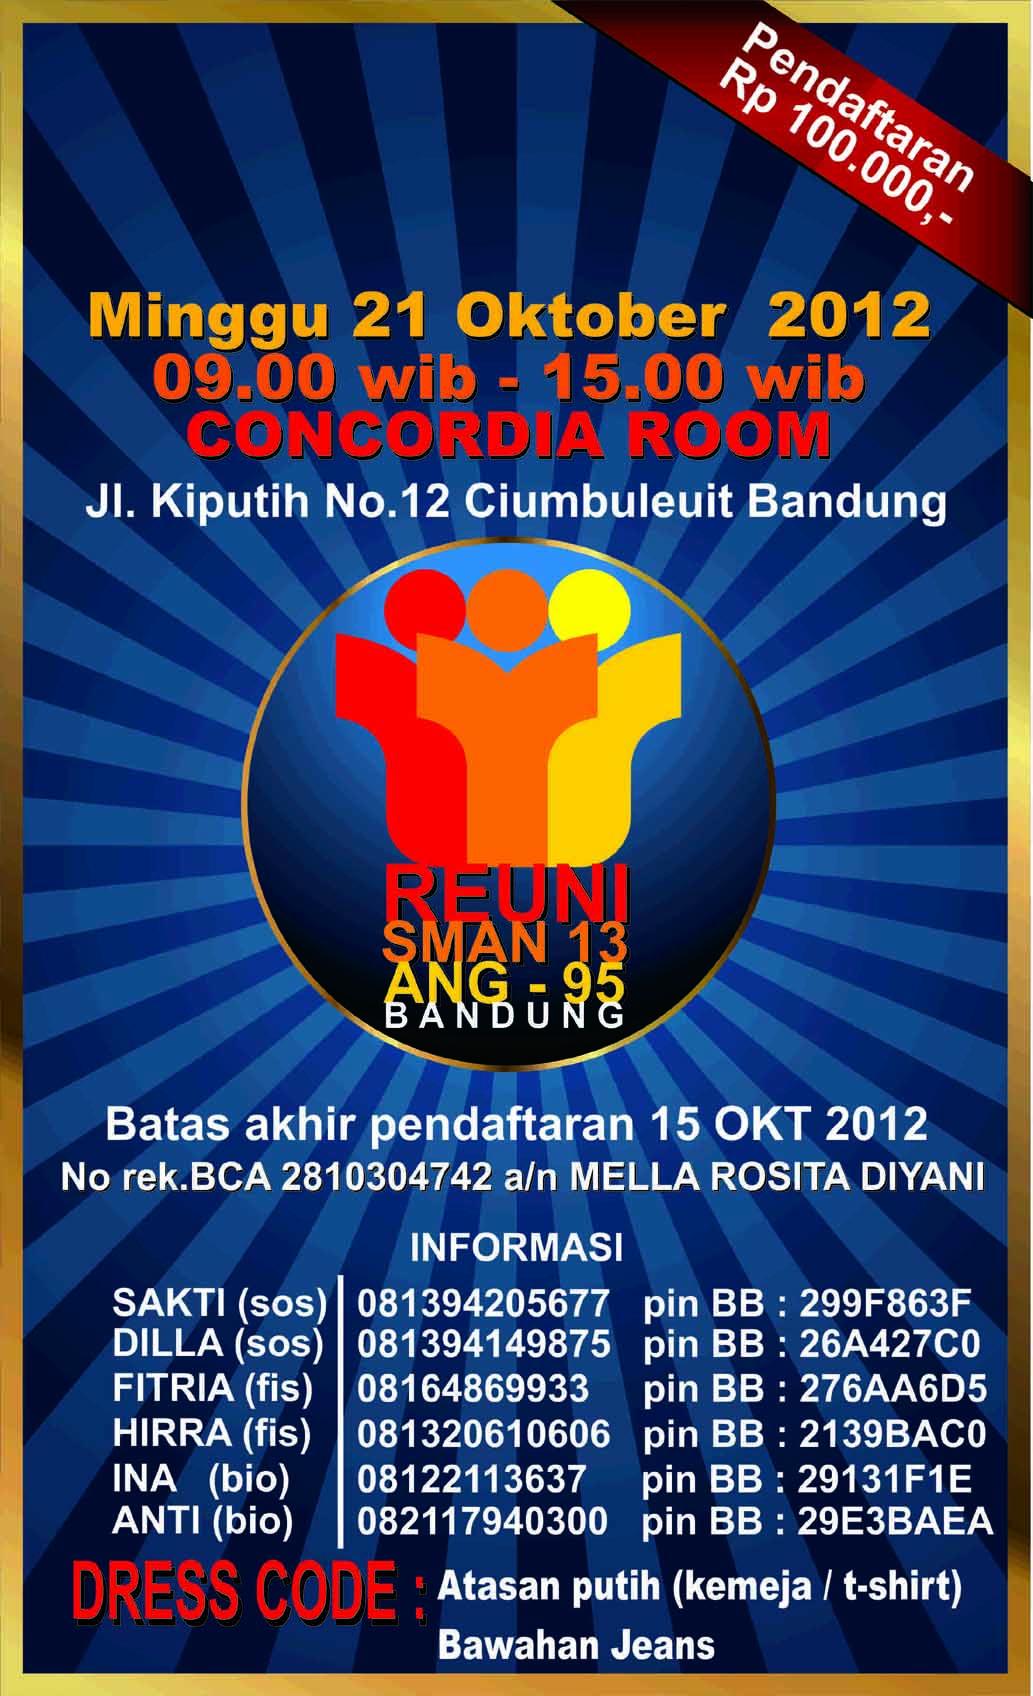 Undangan Reuni Sman 13 Cijerah Bandung Angkatan 95 Barkodz